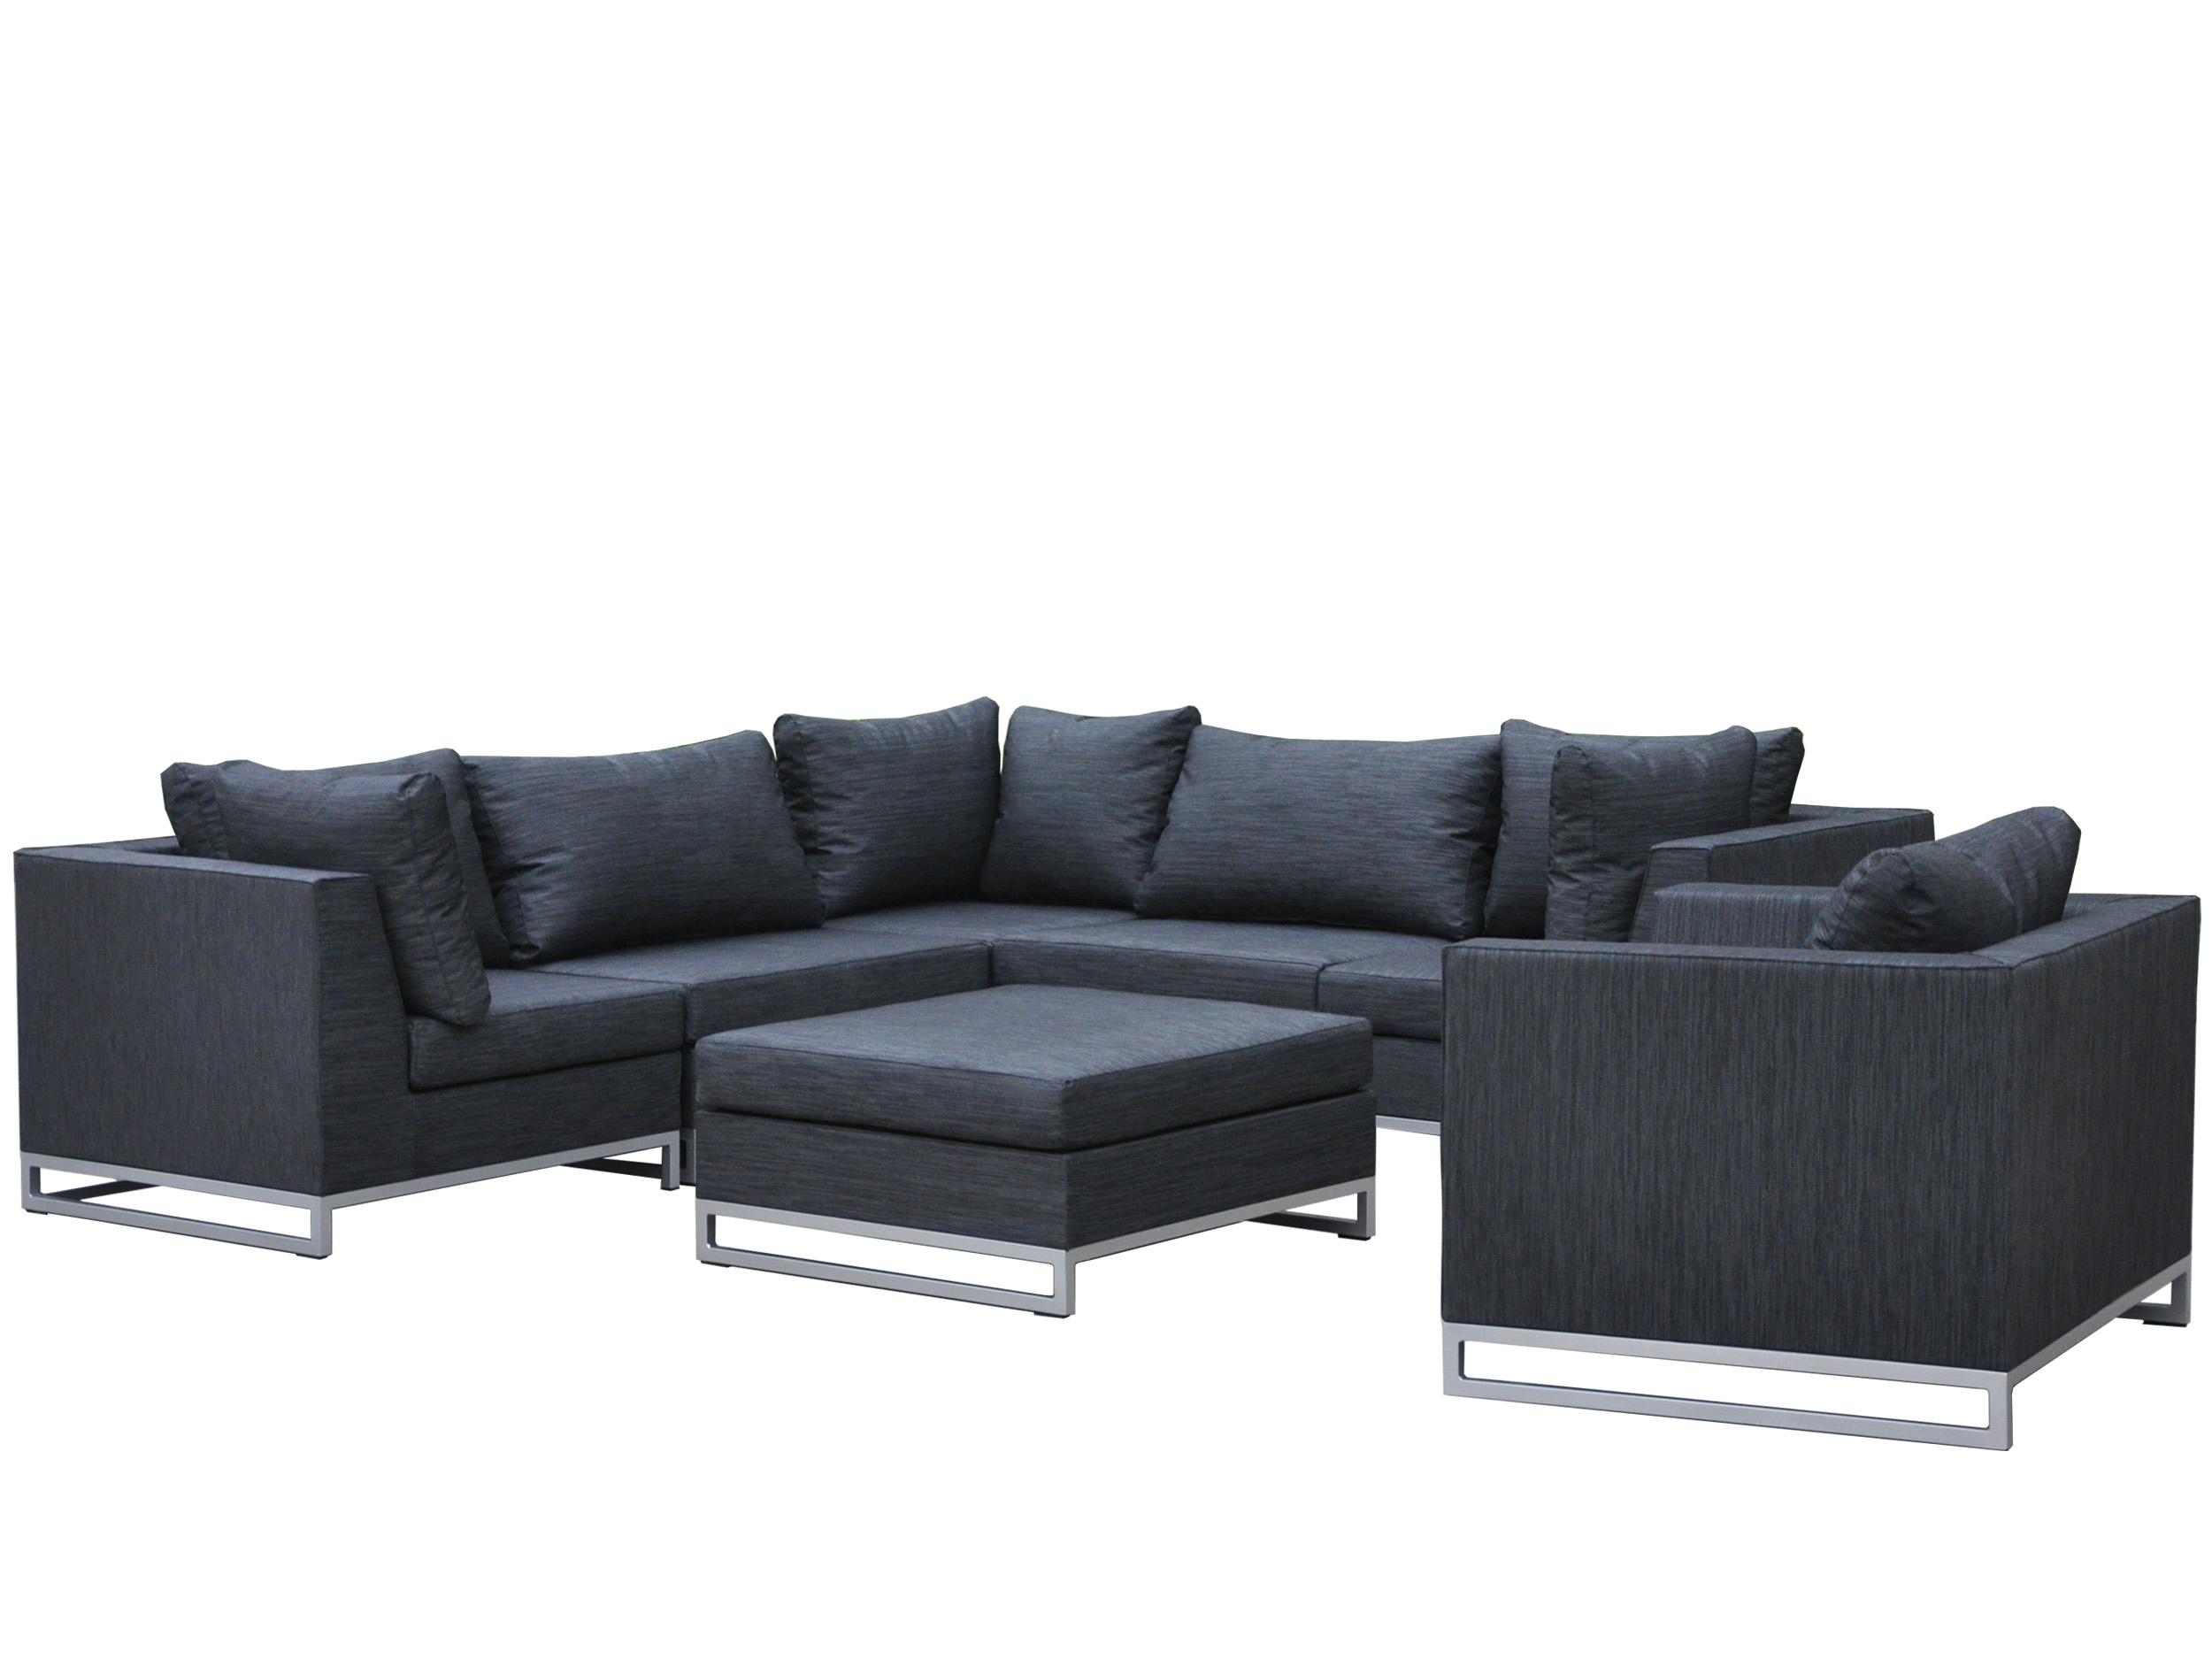 Full Size of Outdoor Lounge Hocker Tisch Legian Textilene Aluminium Sofa Blau Rundes München Günstige Chesterfield Gebraucht Mit Verstellbarer Sitztiefe Alternatives Xora Wohnzimmer Wetterfest Outdoor Sofa